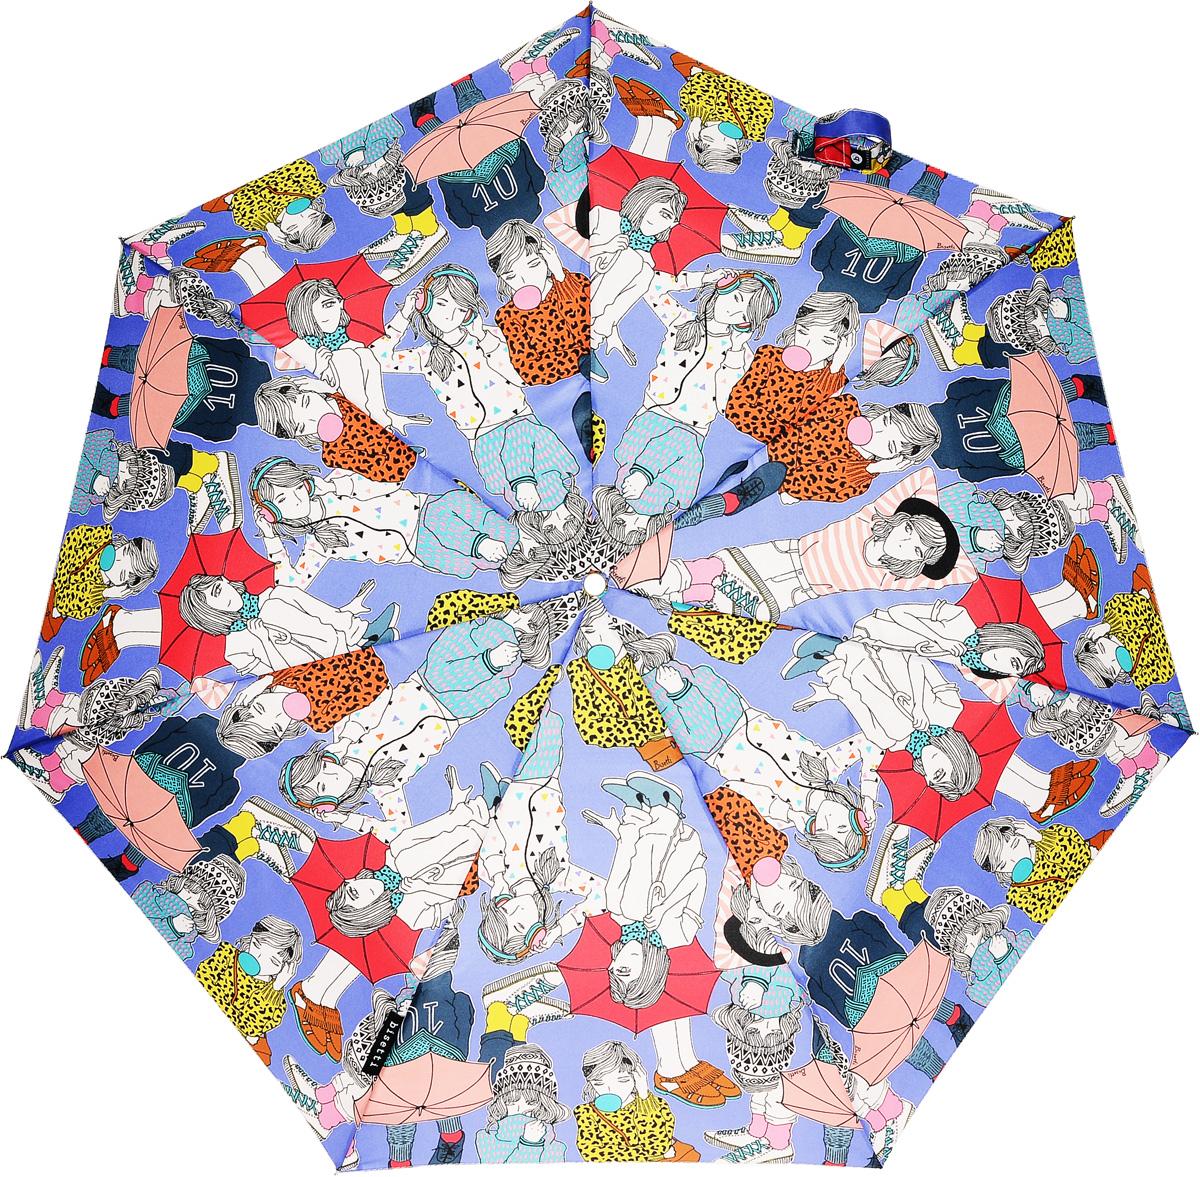 Bisetti 35165-2 Зонт полный автом. 3 сл. жен.REM12-CAM-GREENBLACKЗонт испанского производителя Clima. В производстве зонтов используются современные материалы, что делает зонты легкими, но в то же время крепкими. Полный автомат, 3 сложения, 7 спиц, полиэстер.